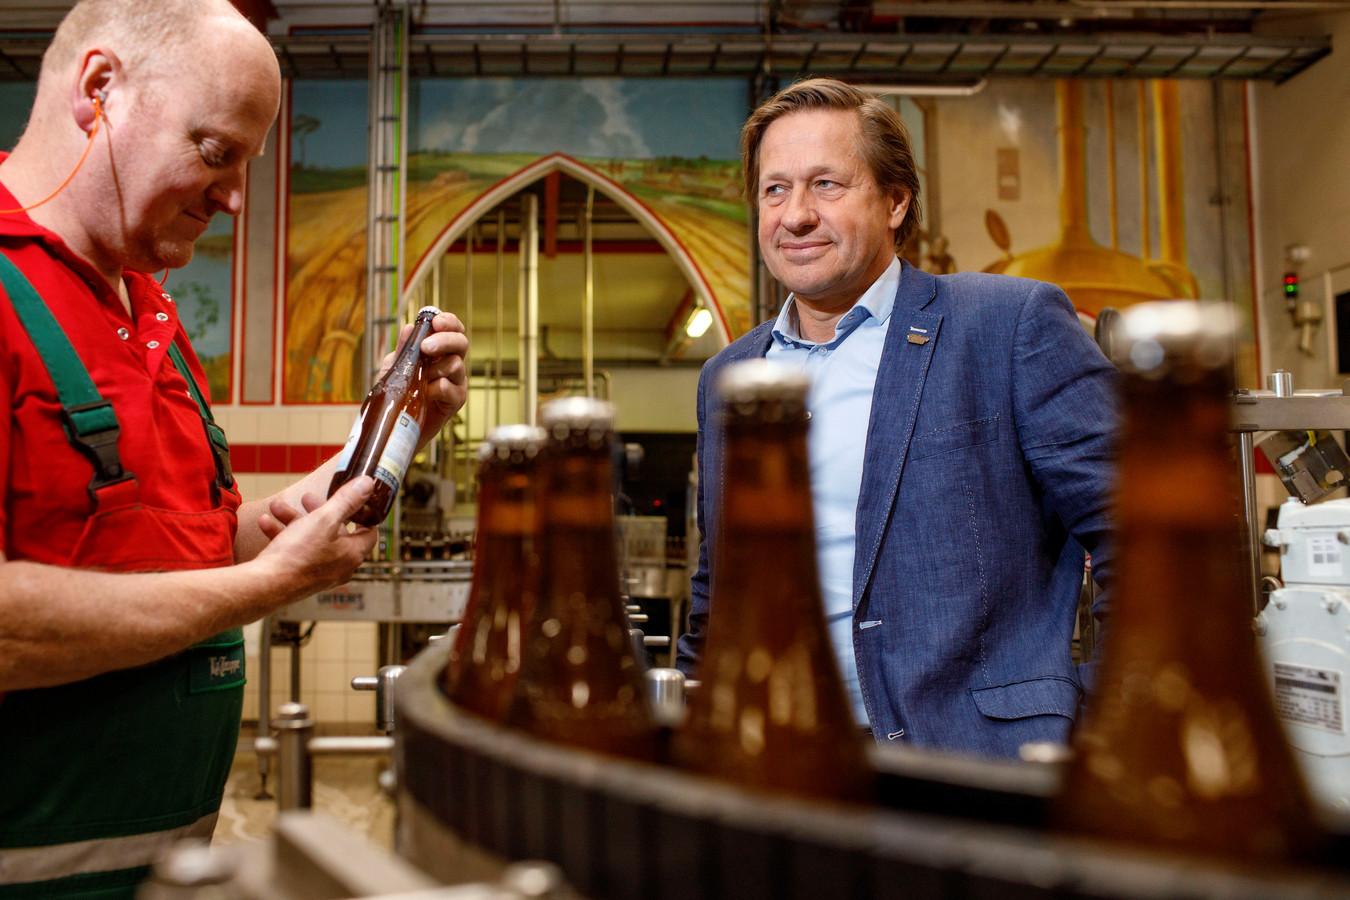 Directeur Thijs Thijssen (rechts) en medewerker Marcel Pulles bij de bottellijn van Bierbrouwerij de Koningshoeven.